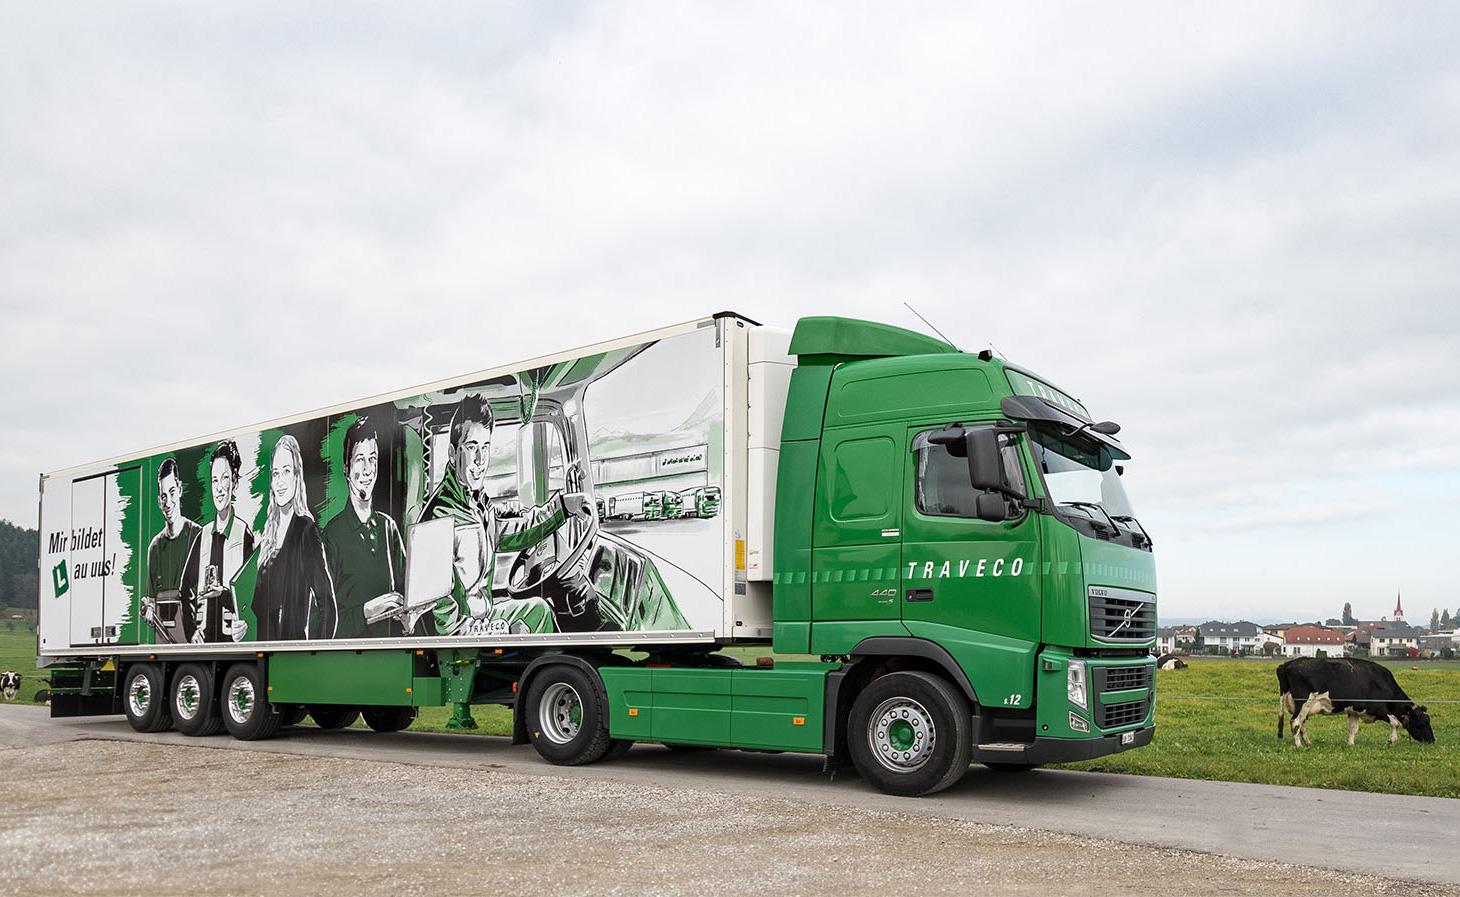 Traveco Lastwagen